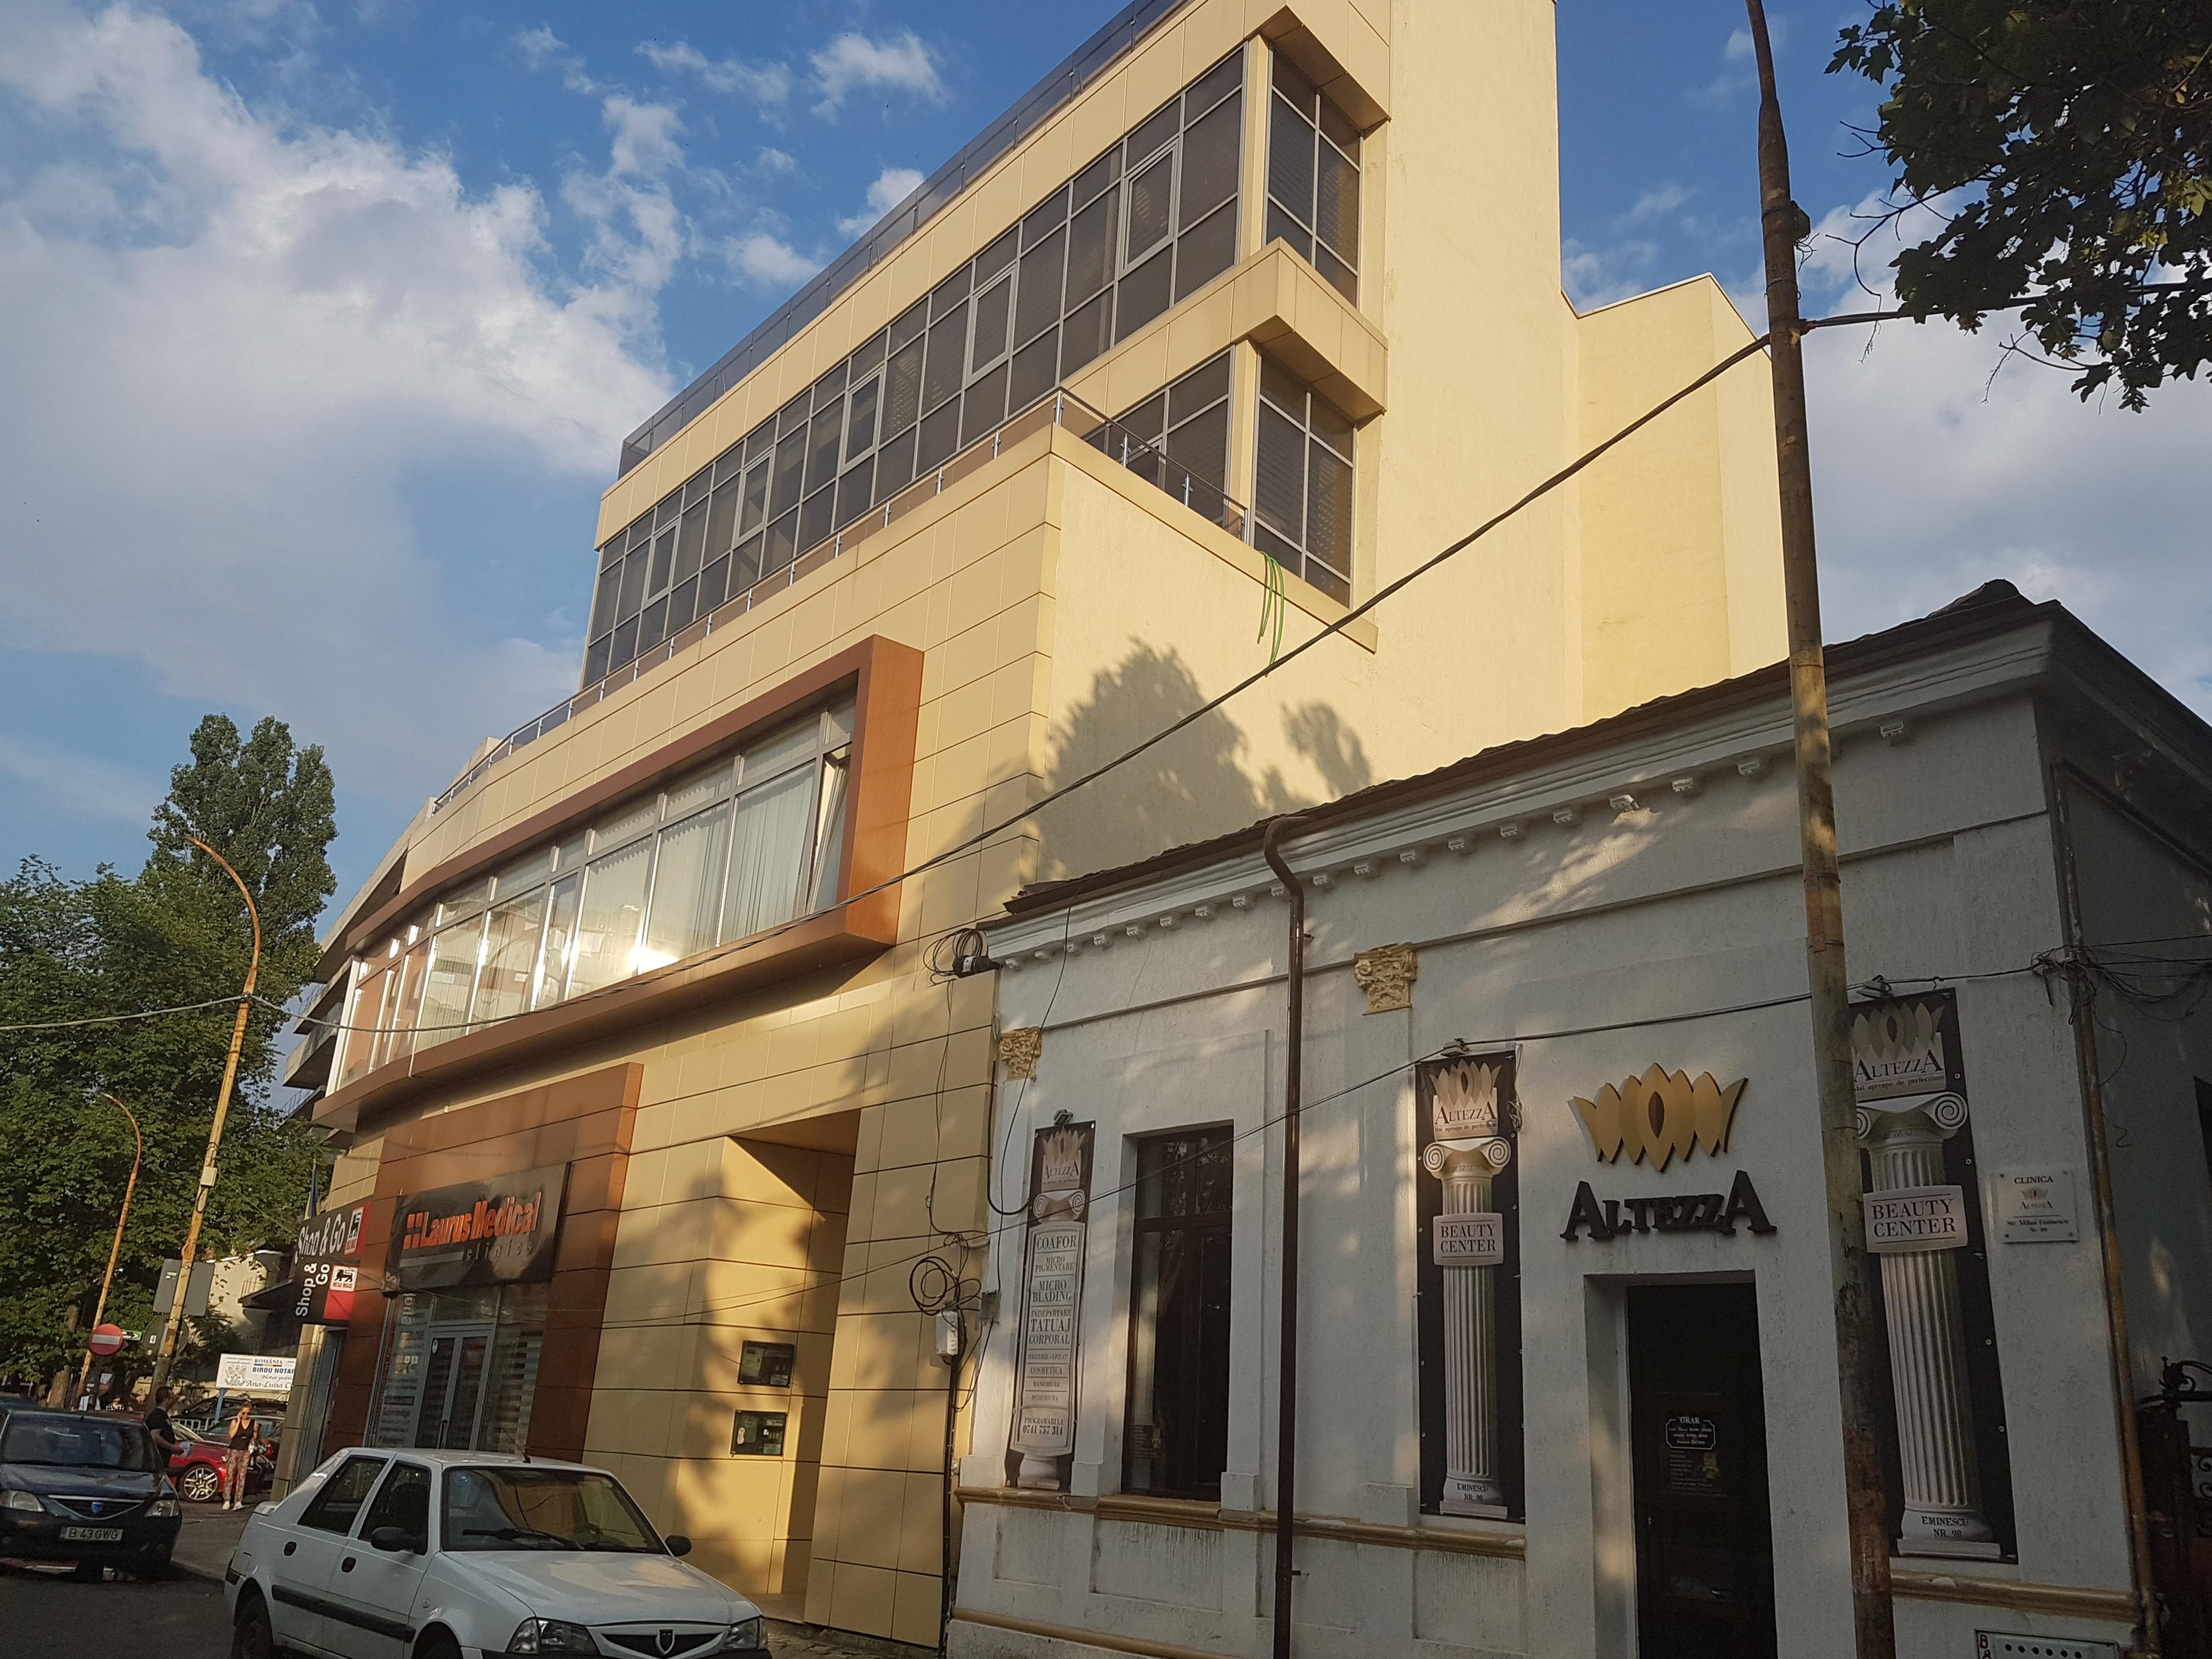 Un bloc cu patru etaje ar putea apărea în zona protejată Mihai Eminescu, vizavi de casa Henrieta Delavrancea, monument istoric. Cum a fost distrusă zona în ultimii 15 ani 16